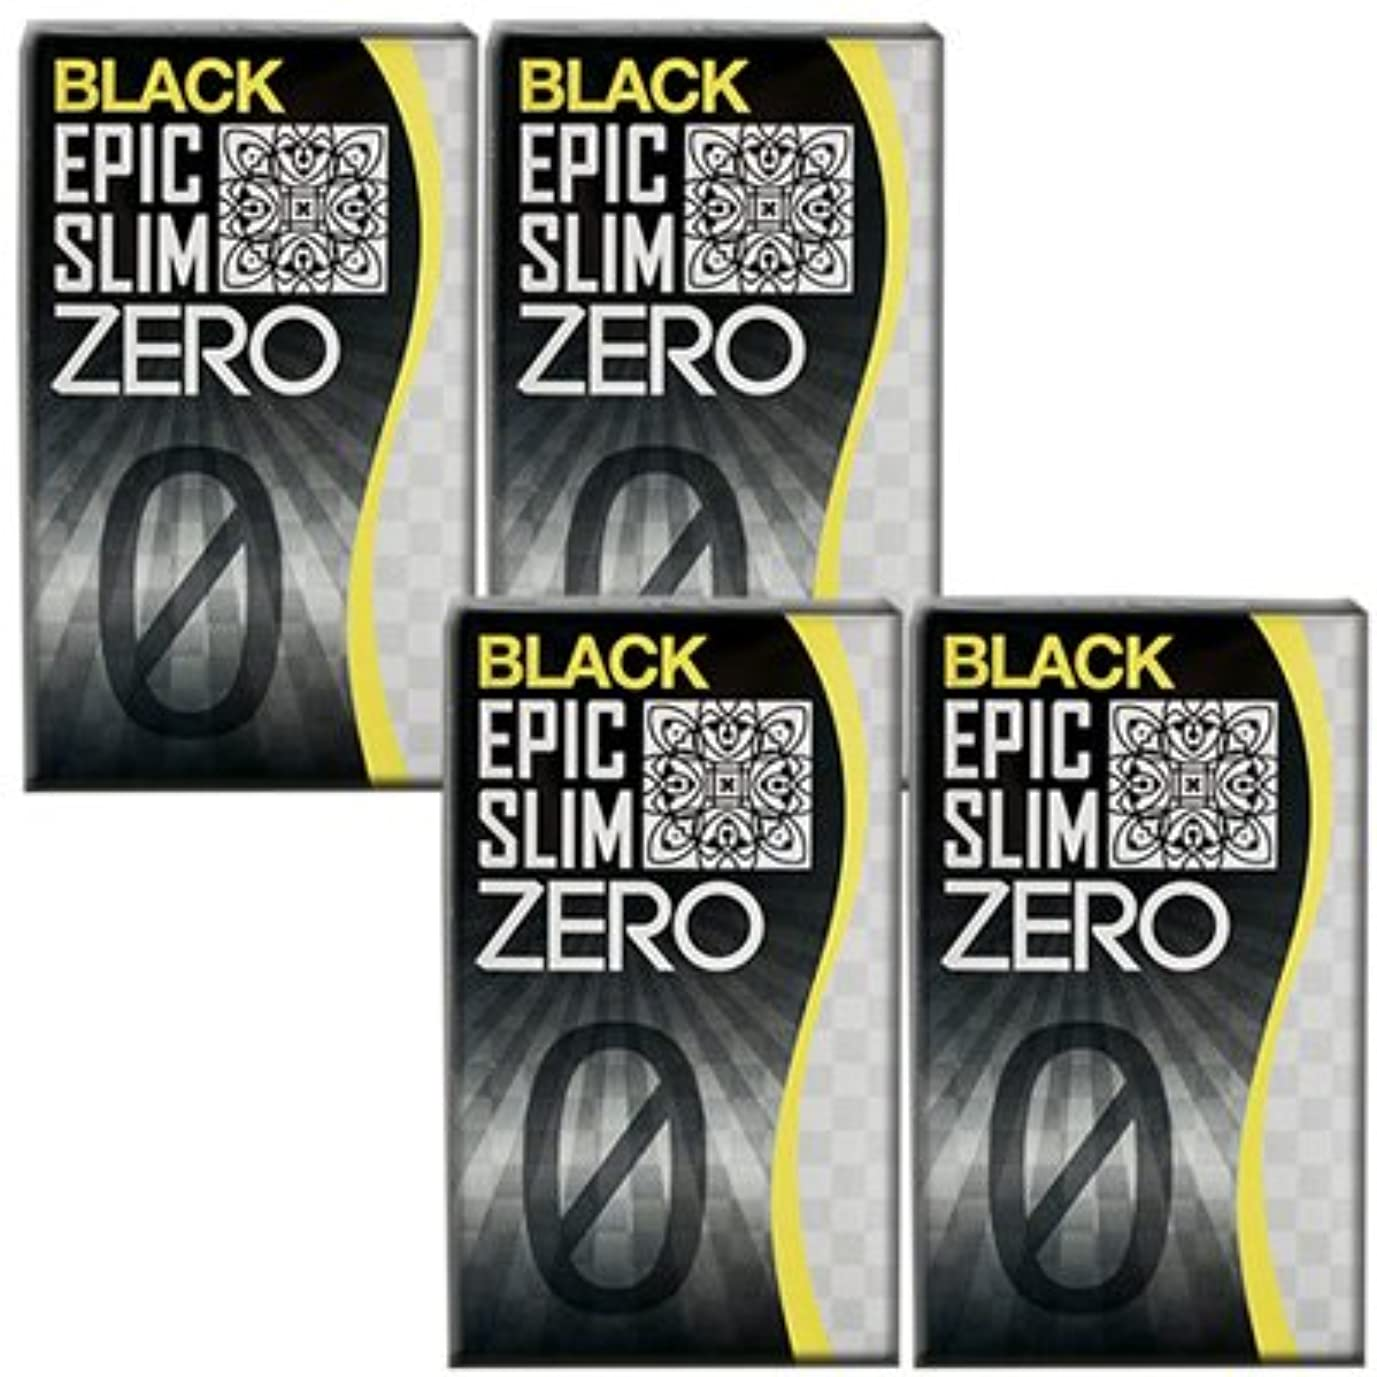 有名な経過燃やすブラック エピックスリム ゼロ ブラック 4個セット!  Epic Slim ZERO BLACK ×4個